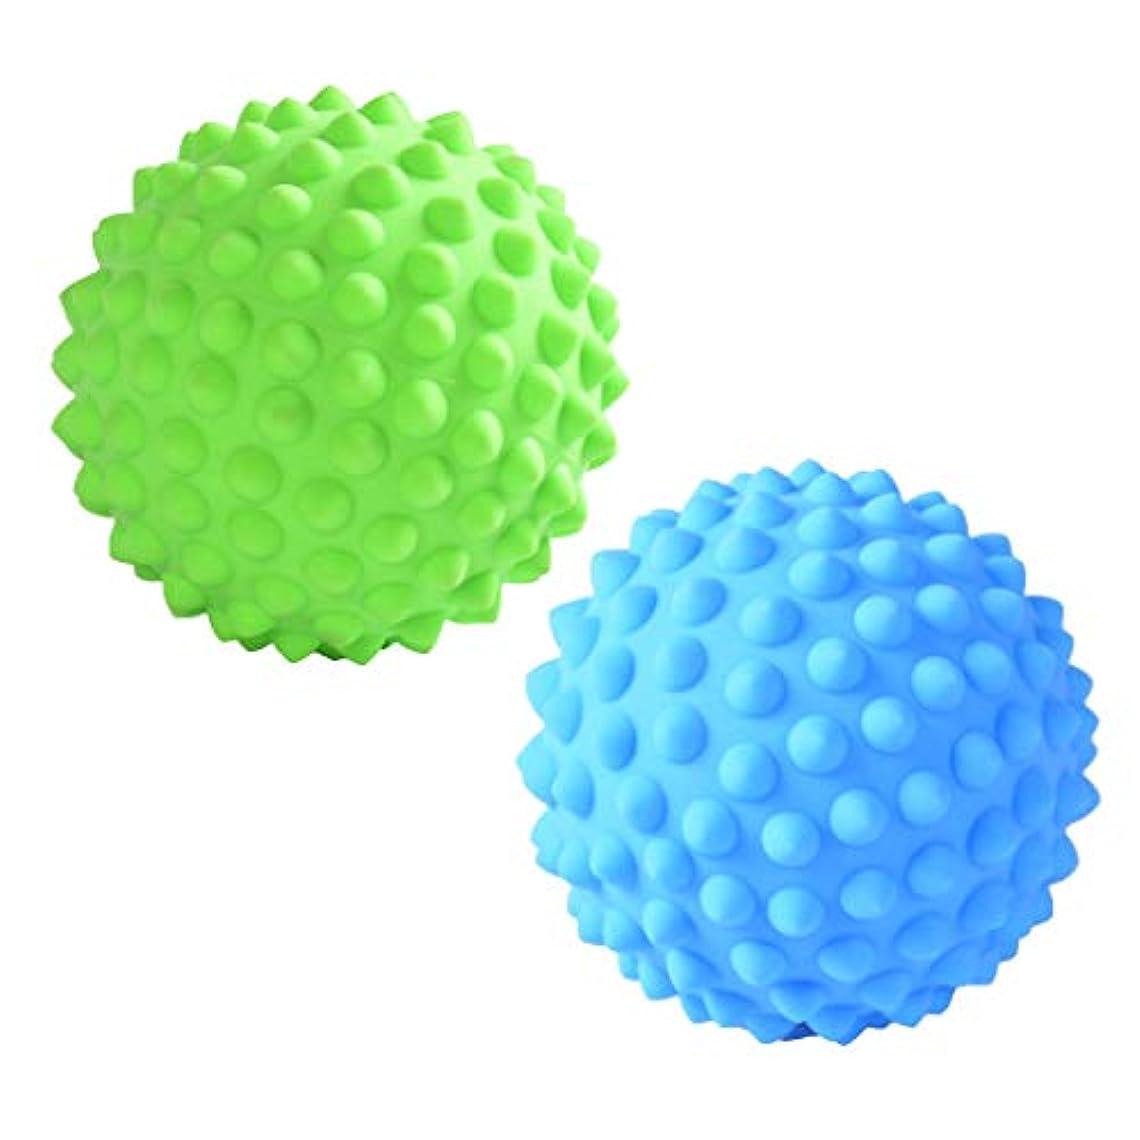 バンドル全滅させる小包マッサージローラーボール 指圧ボール PVC トリガーポイント 疲れ解消ボール ヨガ 疲労軽減 2個